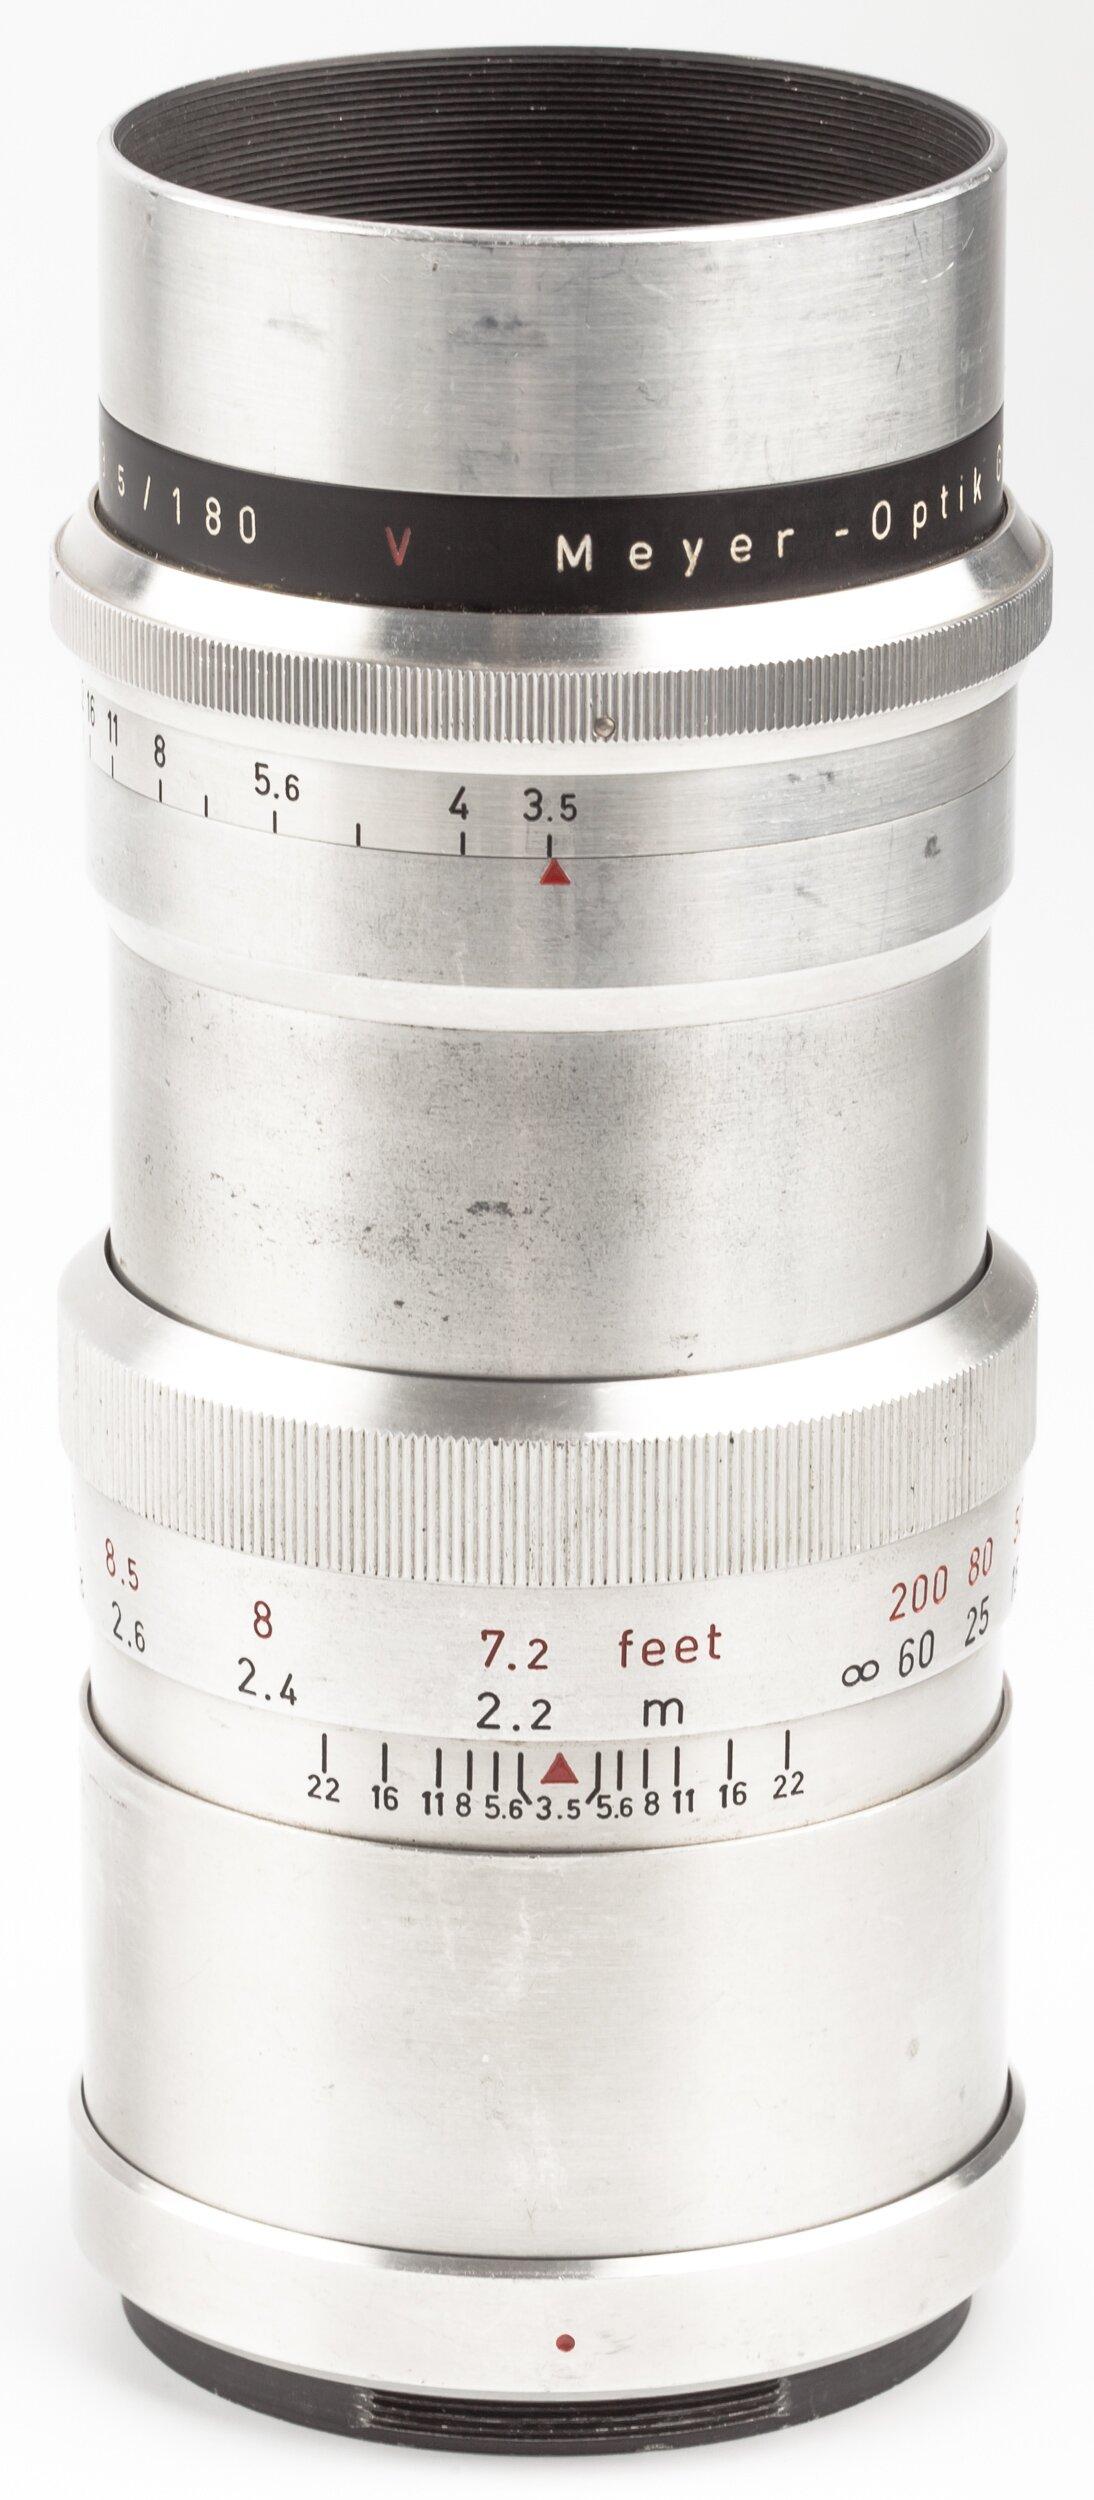 Meyer f. Primarflex 180mm 3,5 Primotar